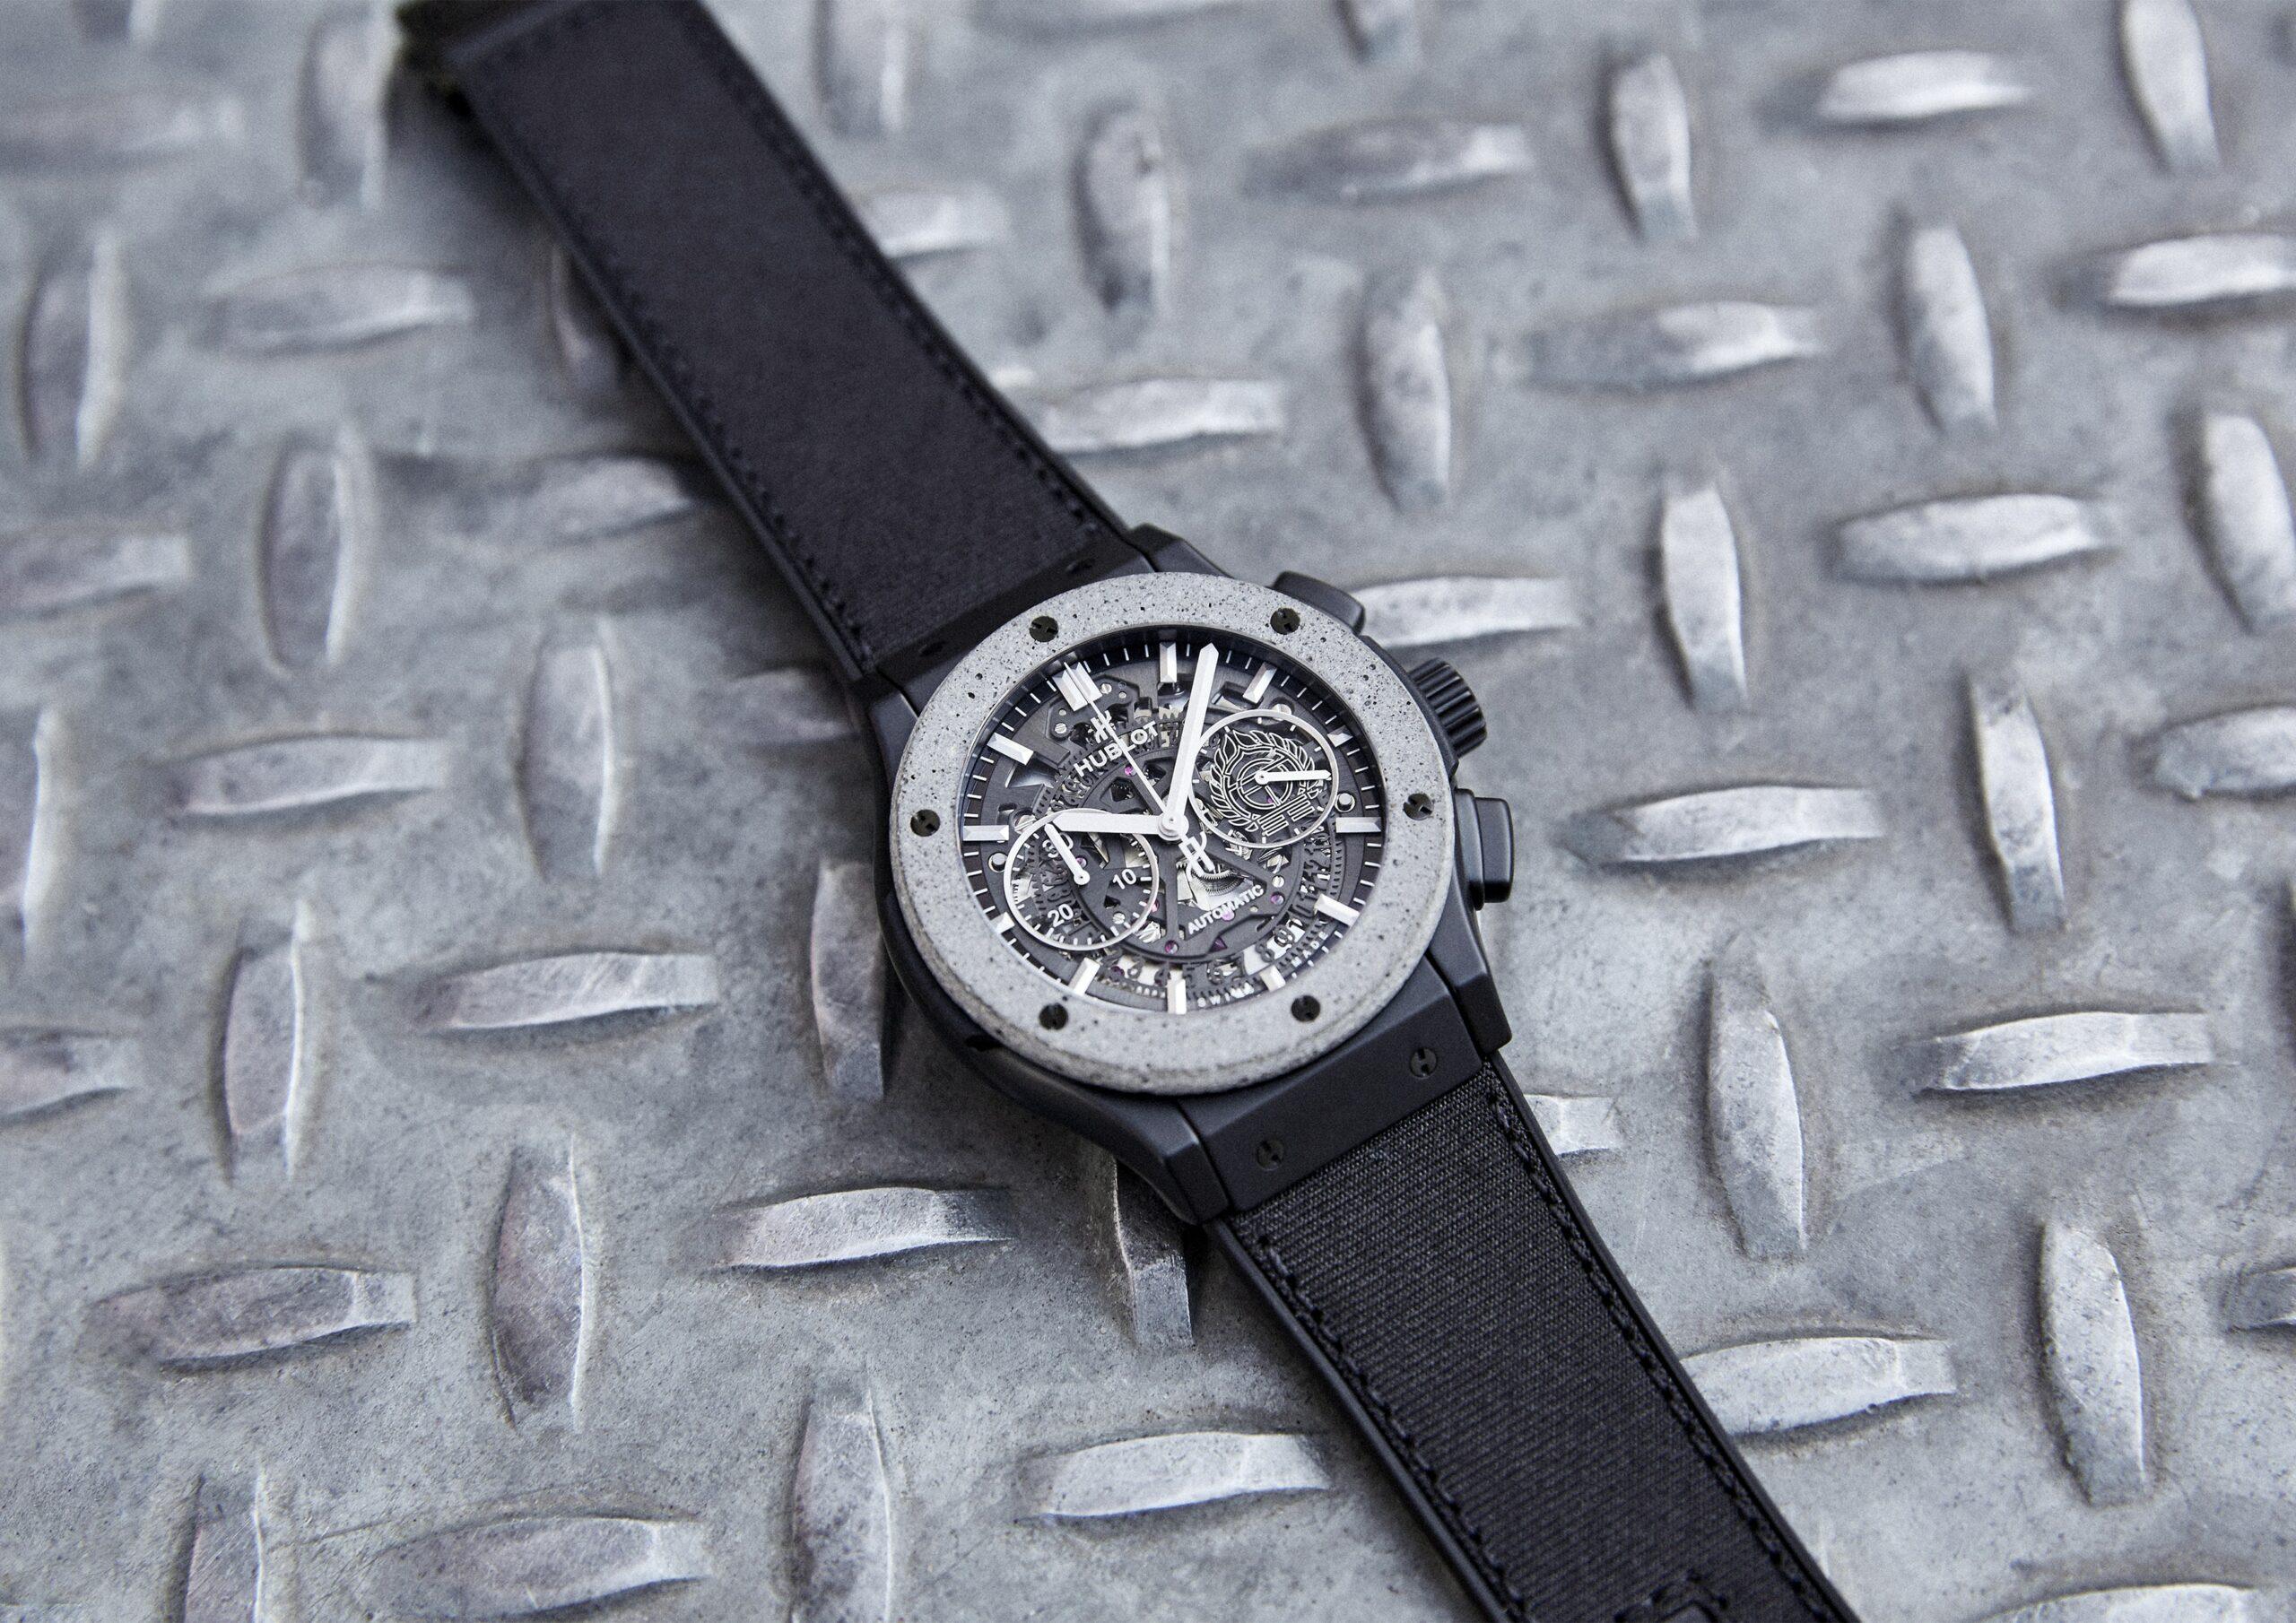 classic-fusion-aerofusion-chronograph-concrete-jungle-6